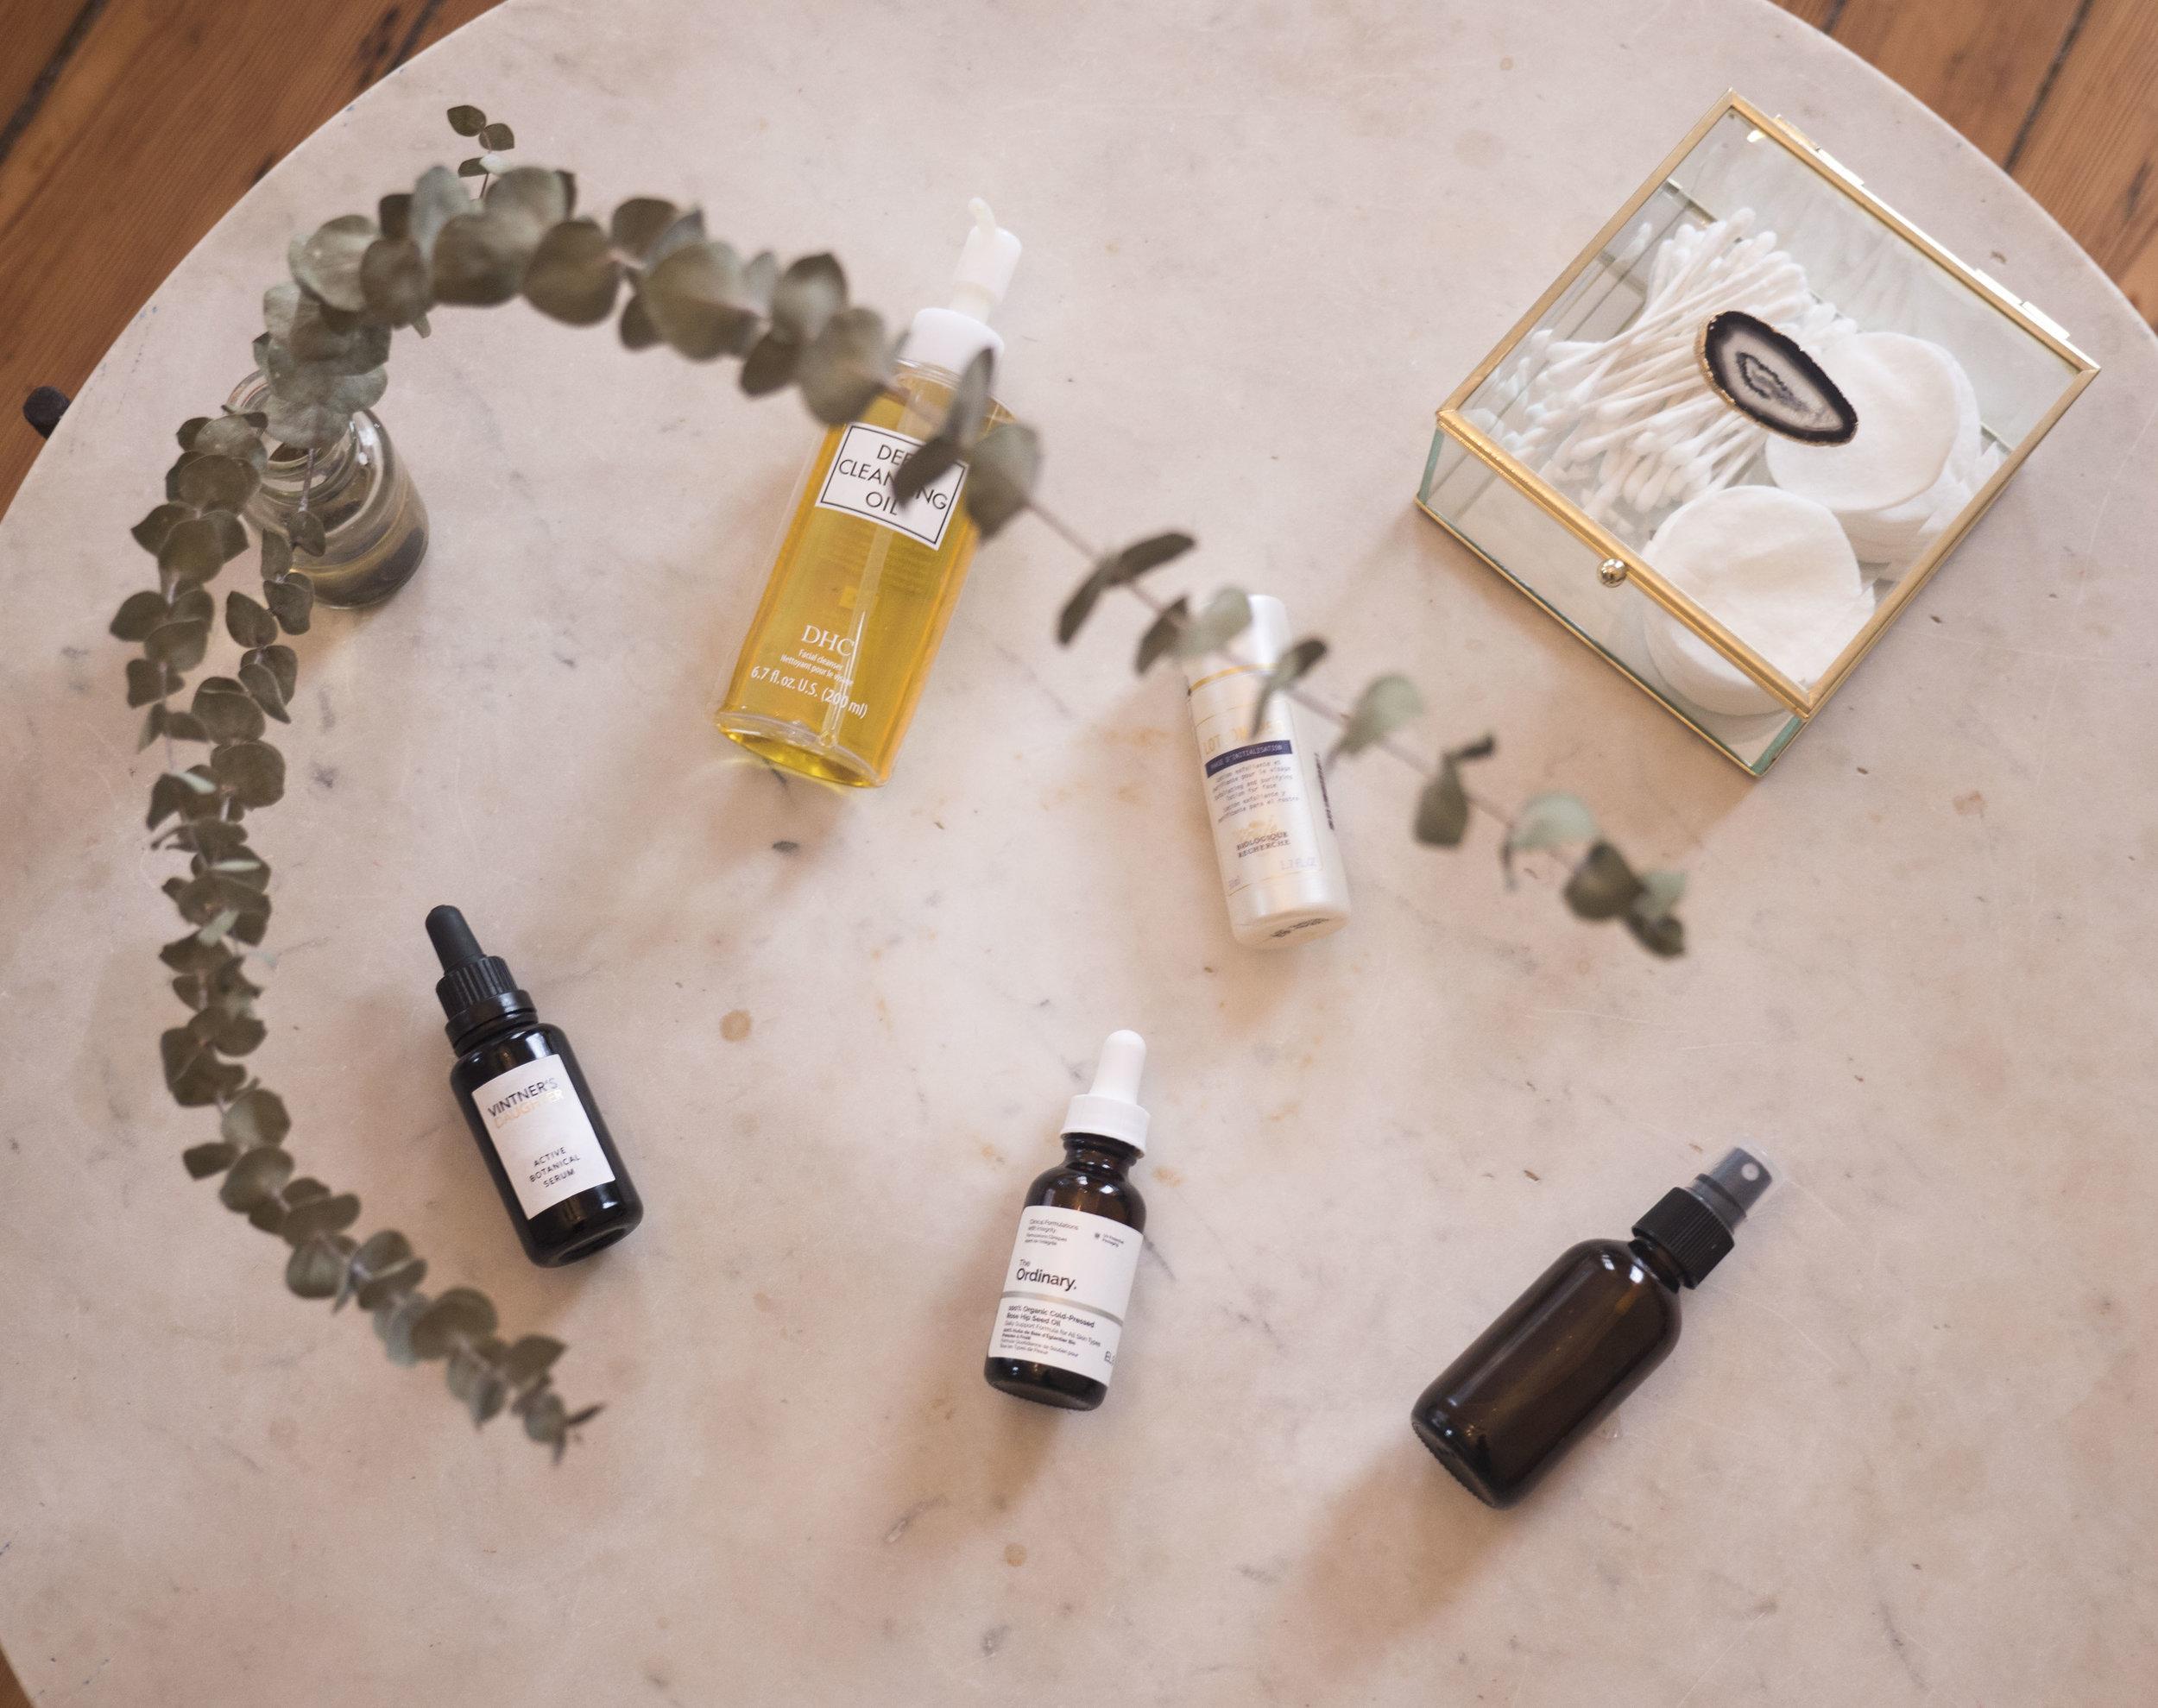 _1011635audrey_a_la_mode_dhc-cleansing-oil-biologique-recherche-p50-vintners-daughter-the-ordinary-minimal-skincare.JPG